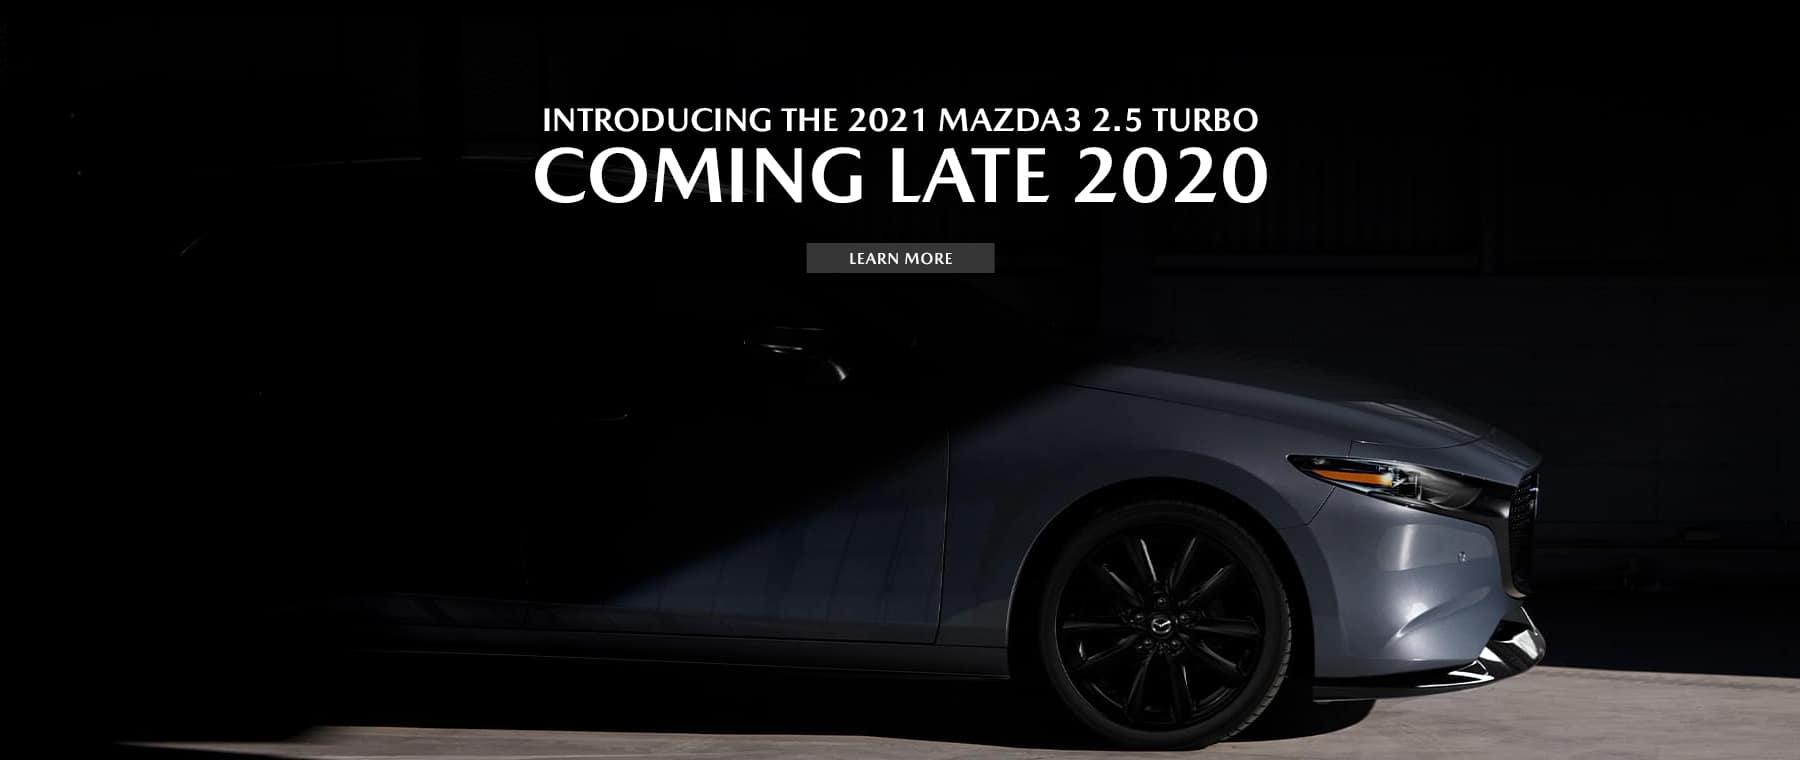 m08-mazda-2020-Mazda3-turbo